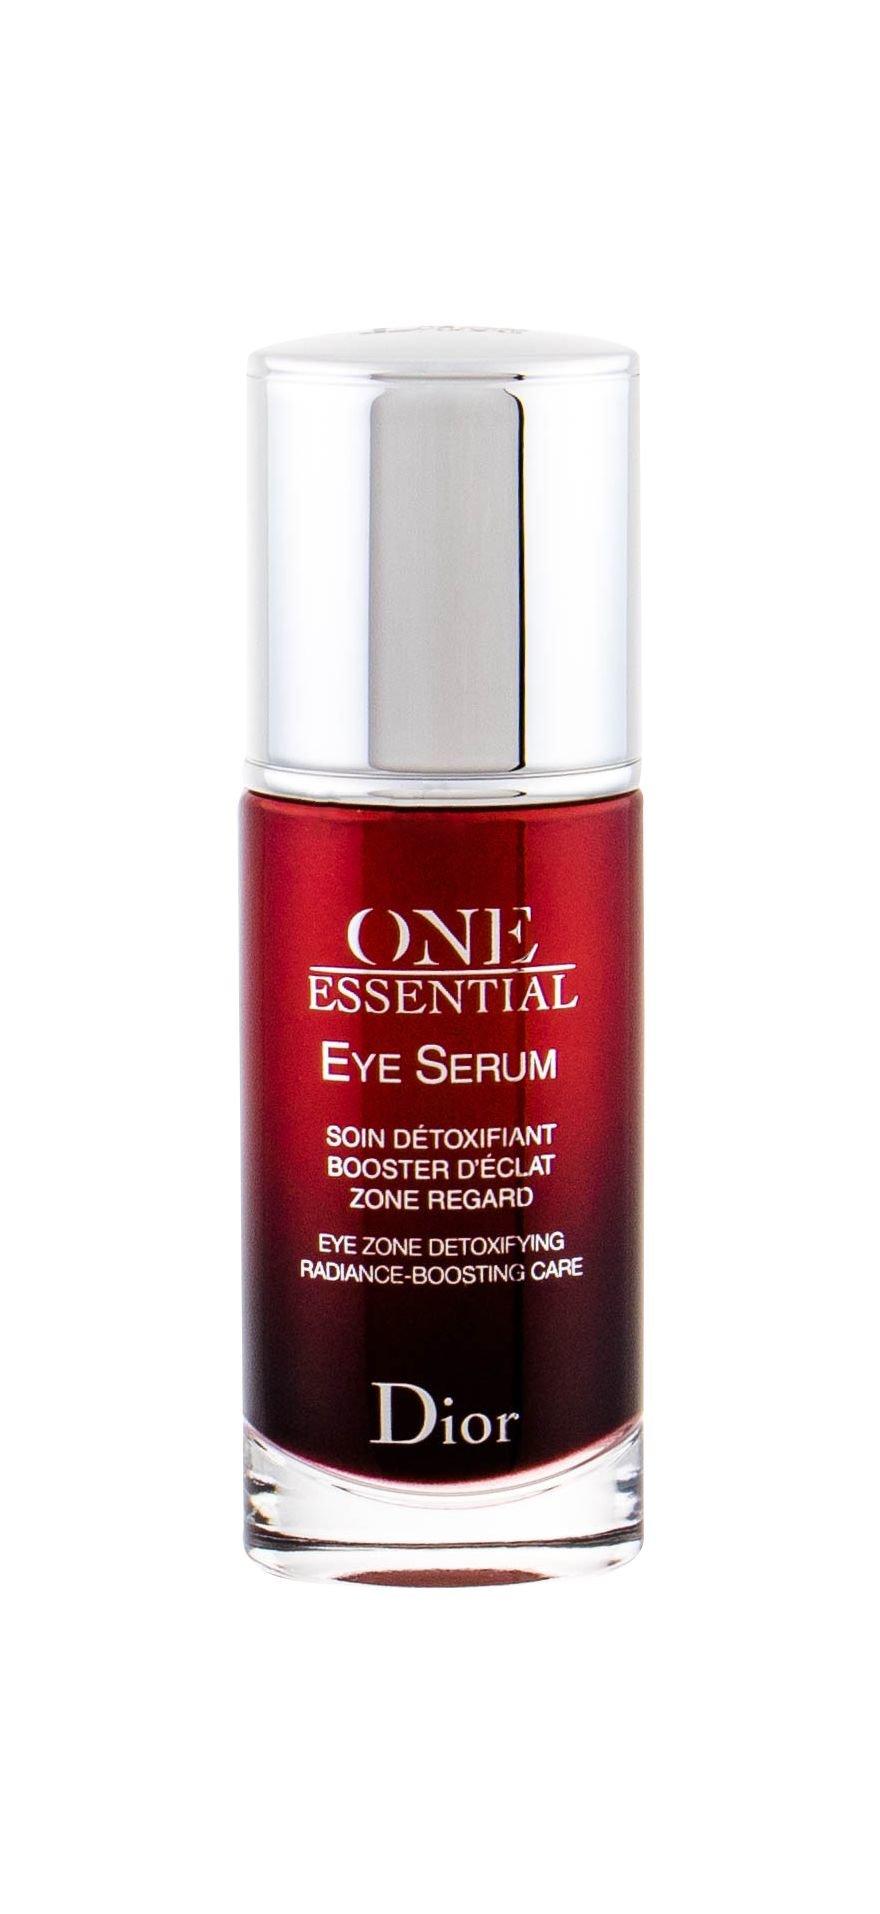 Christian Dior One Essential Eye Care 15ml